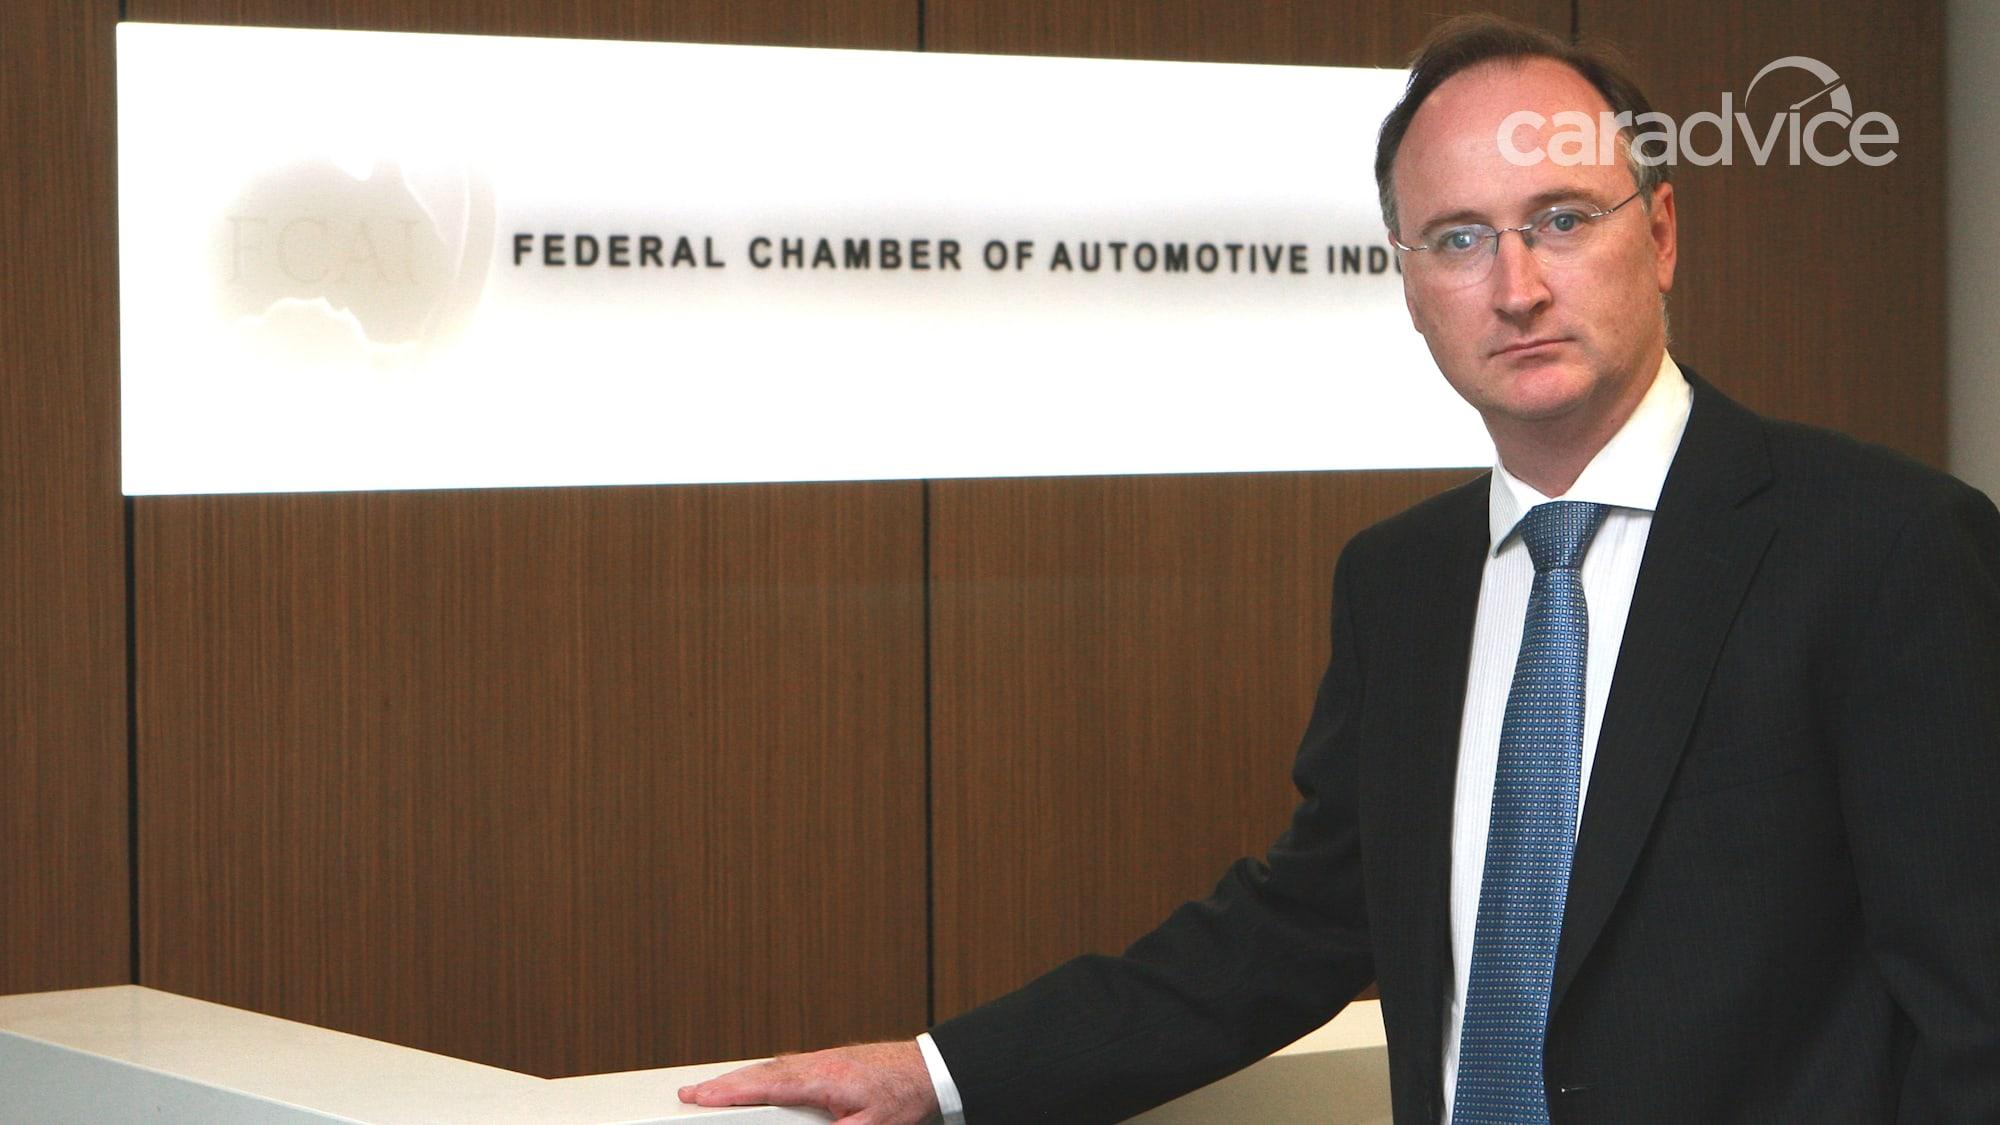 Ngành công nghiệp ô tô Úc lần đầu tiên tiết lộ lượng khí thải CO2 - 2 trên 2